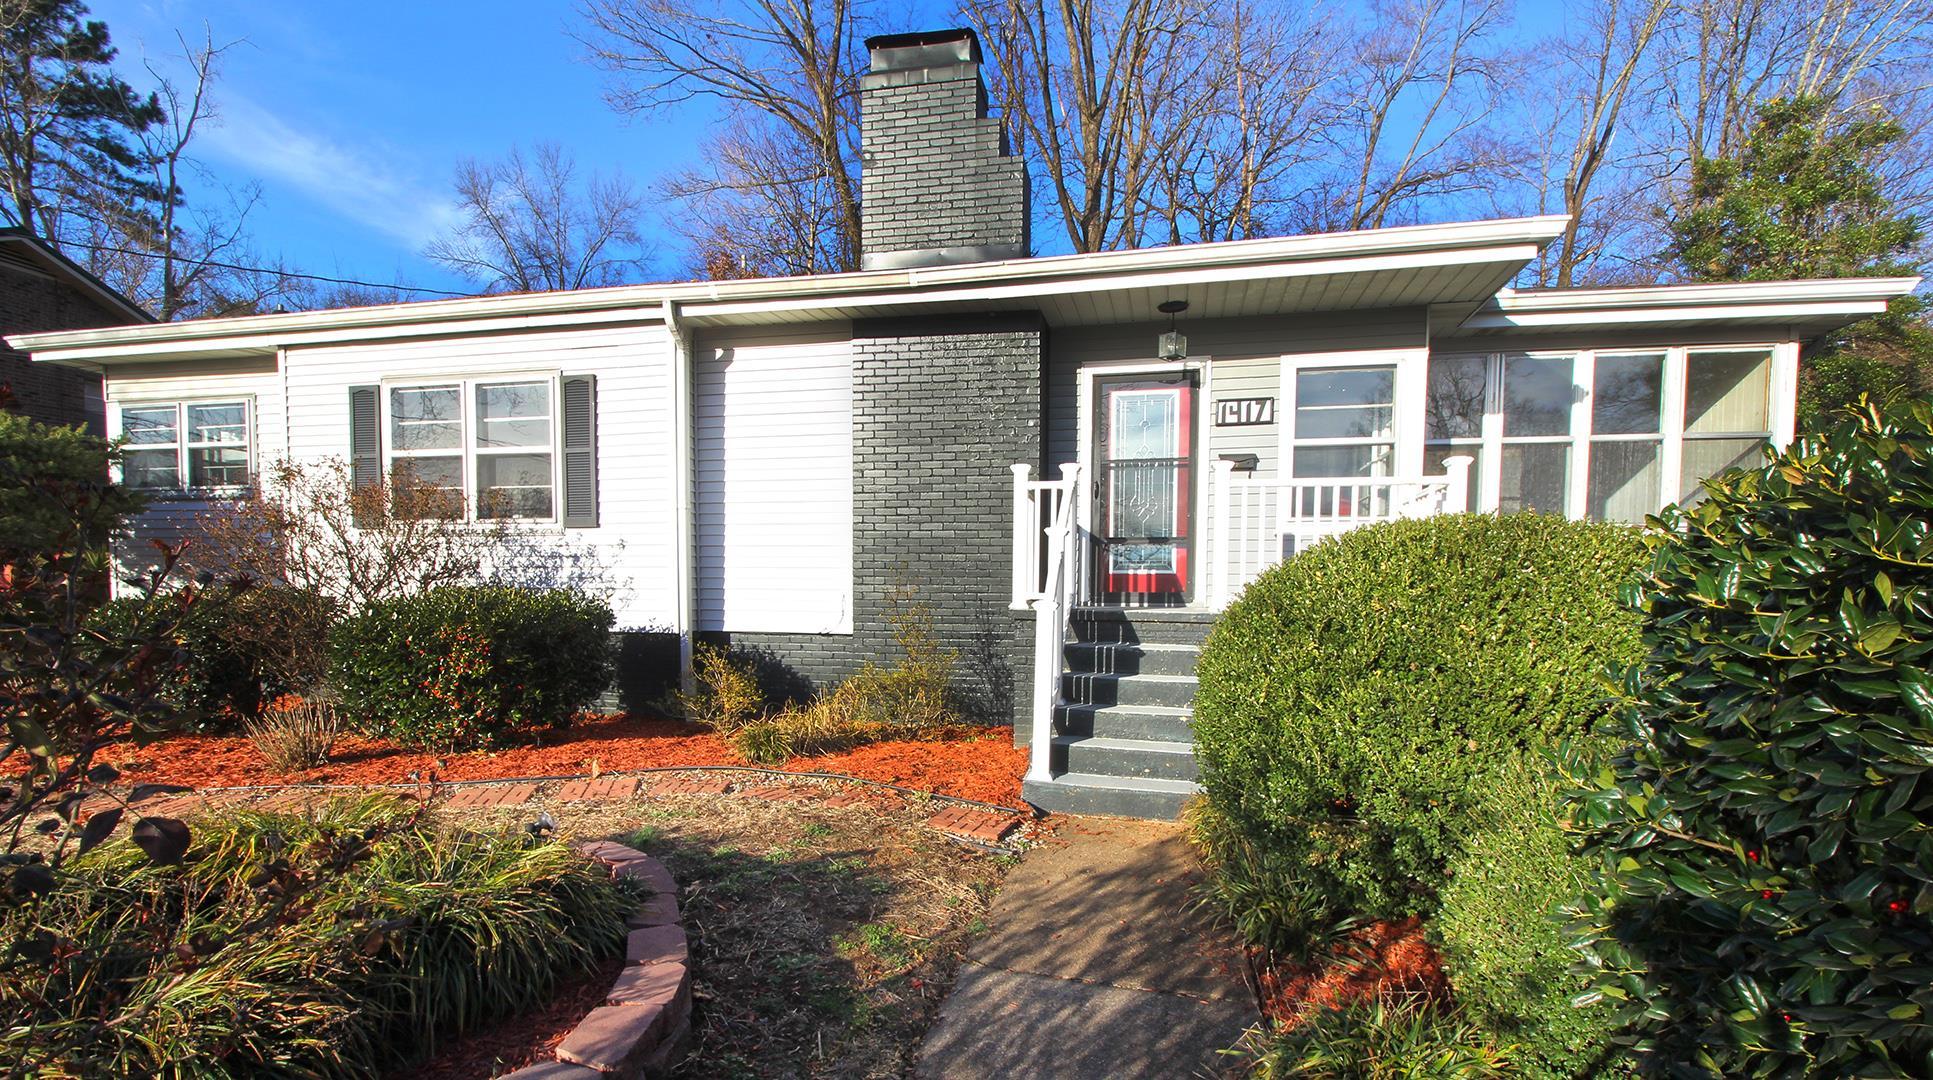 1417 Madison St, Clarksville, TN 37040